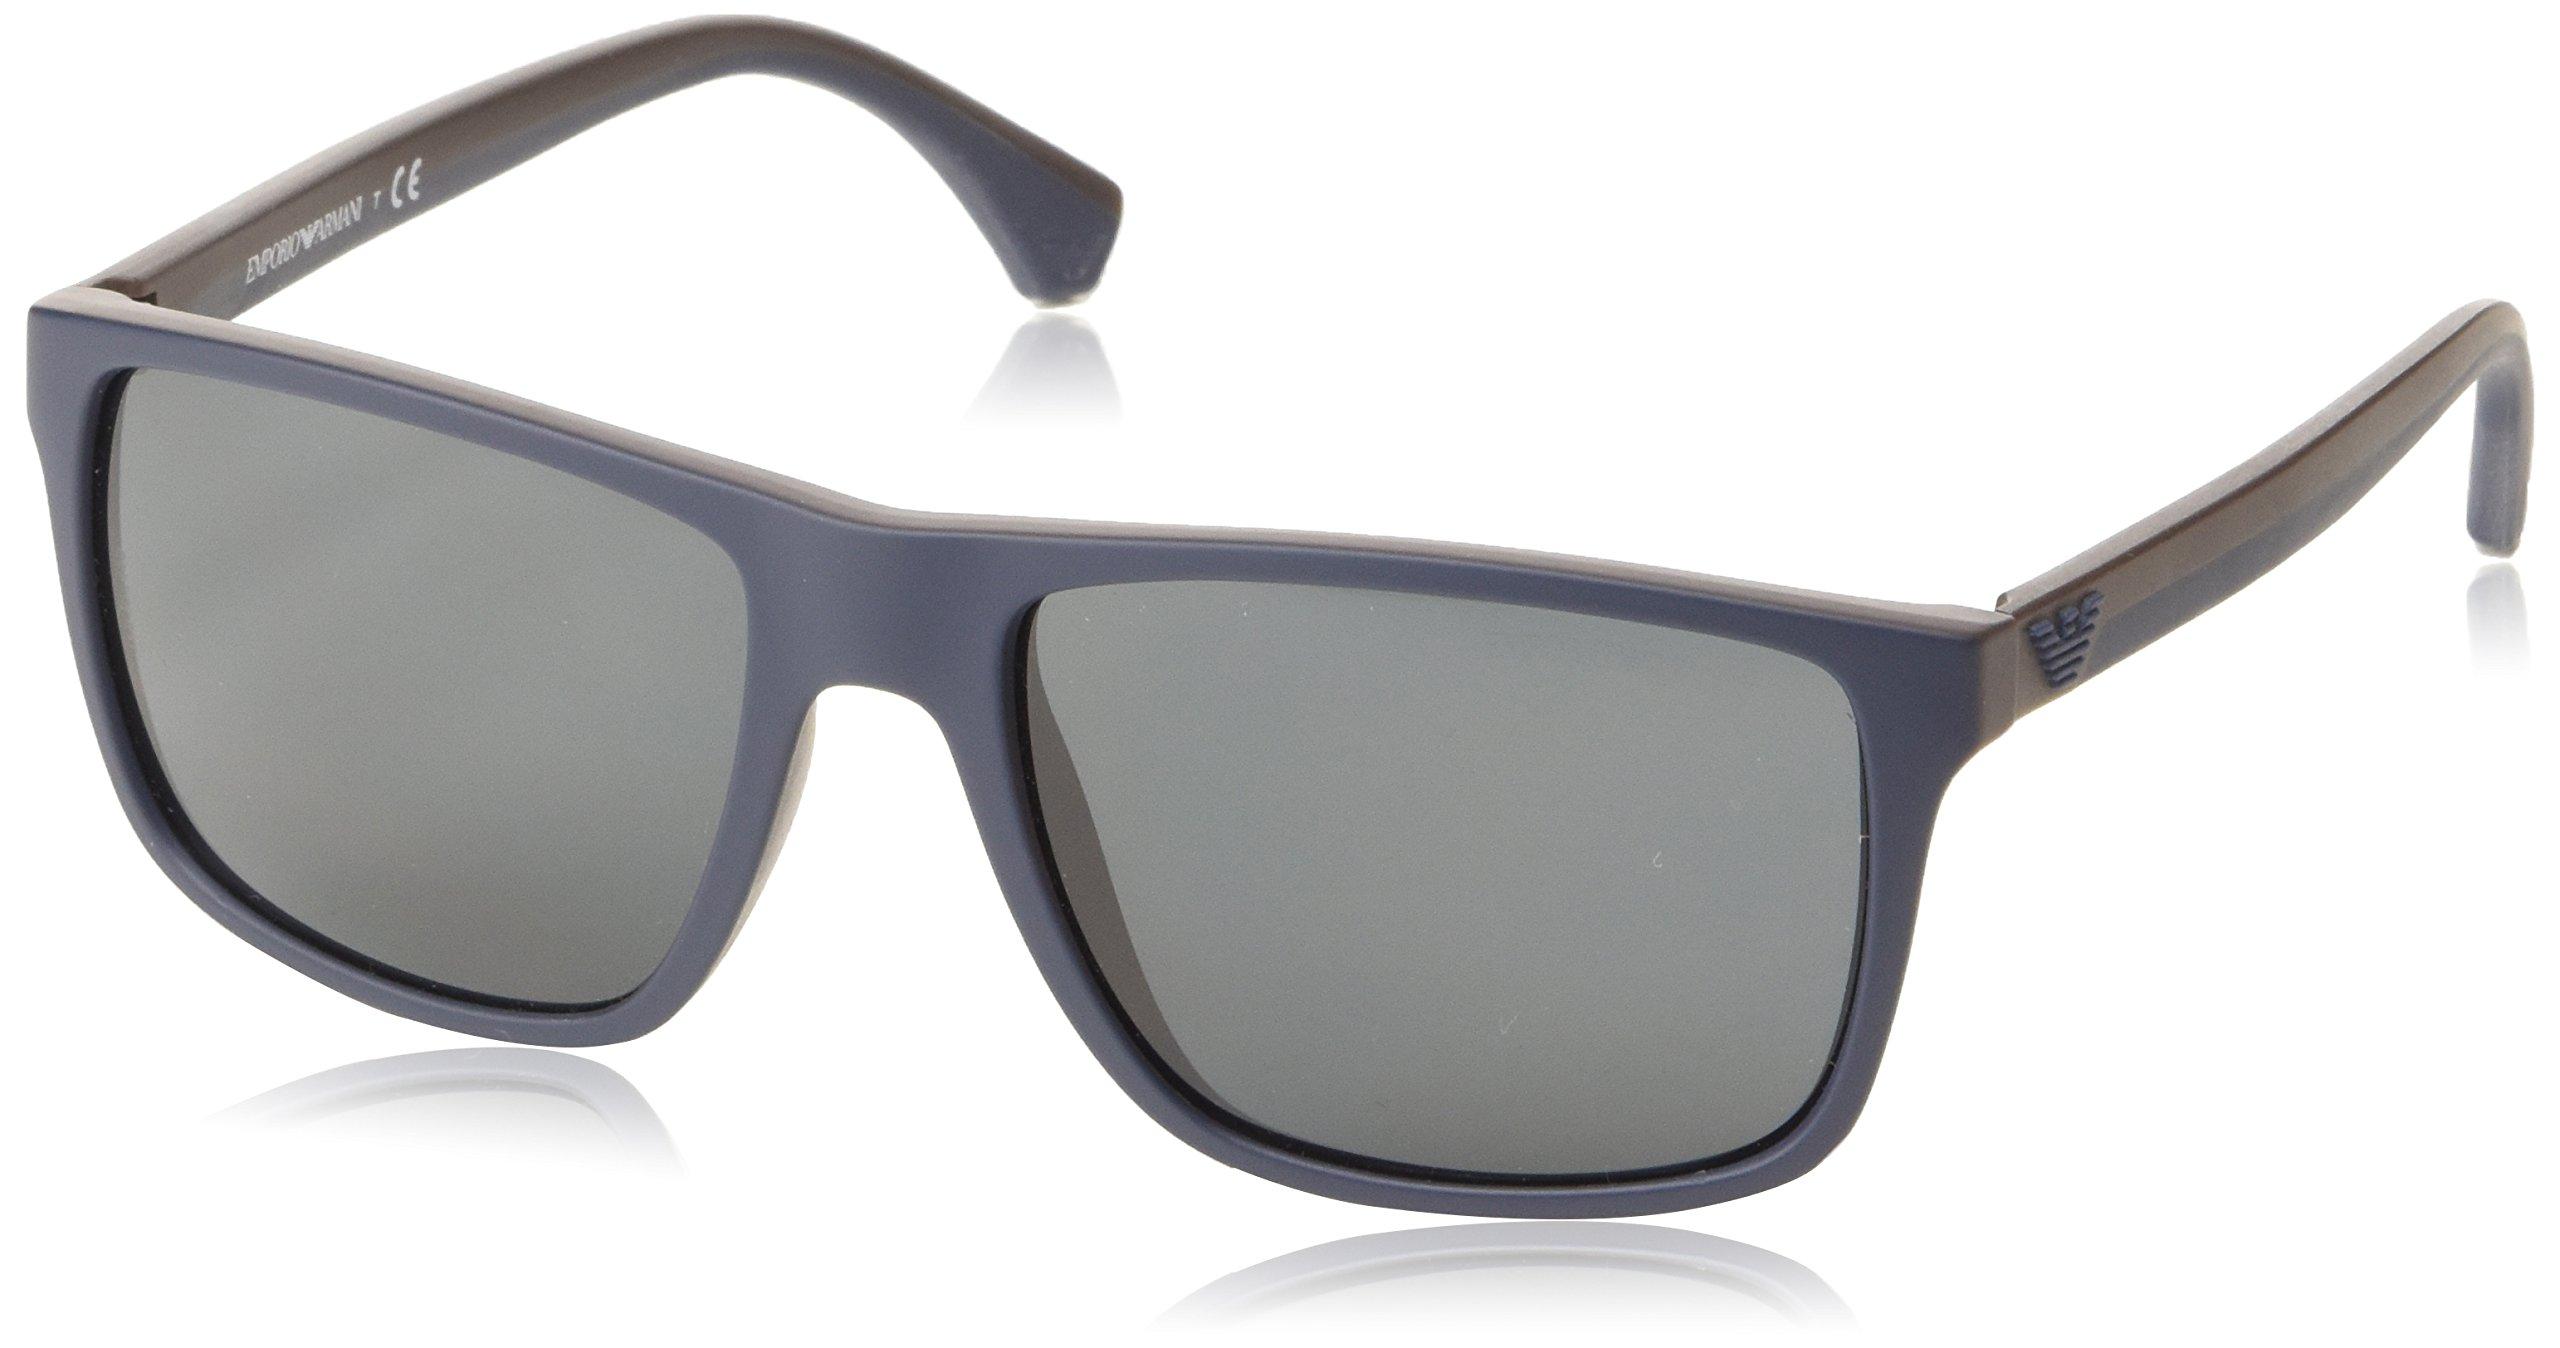 Emporio Armani EA 4033 5230/87 Square Sunglasses Top Blue Rubber Brown/Grey Lens